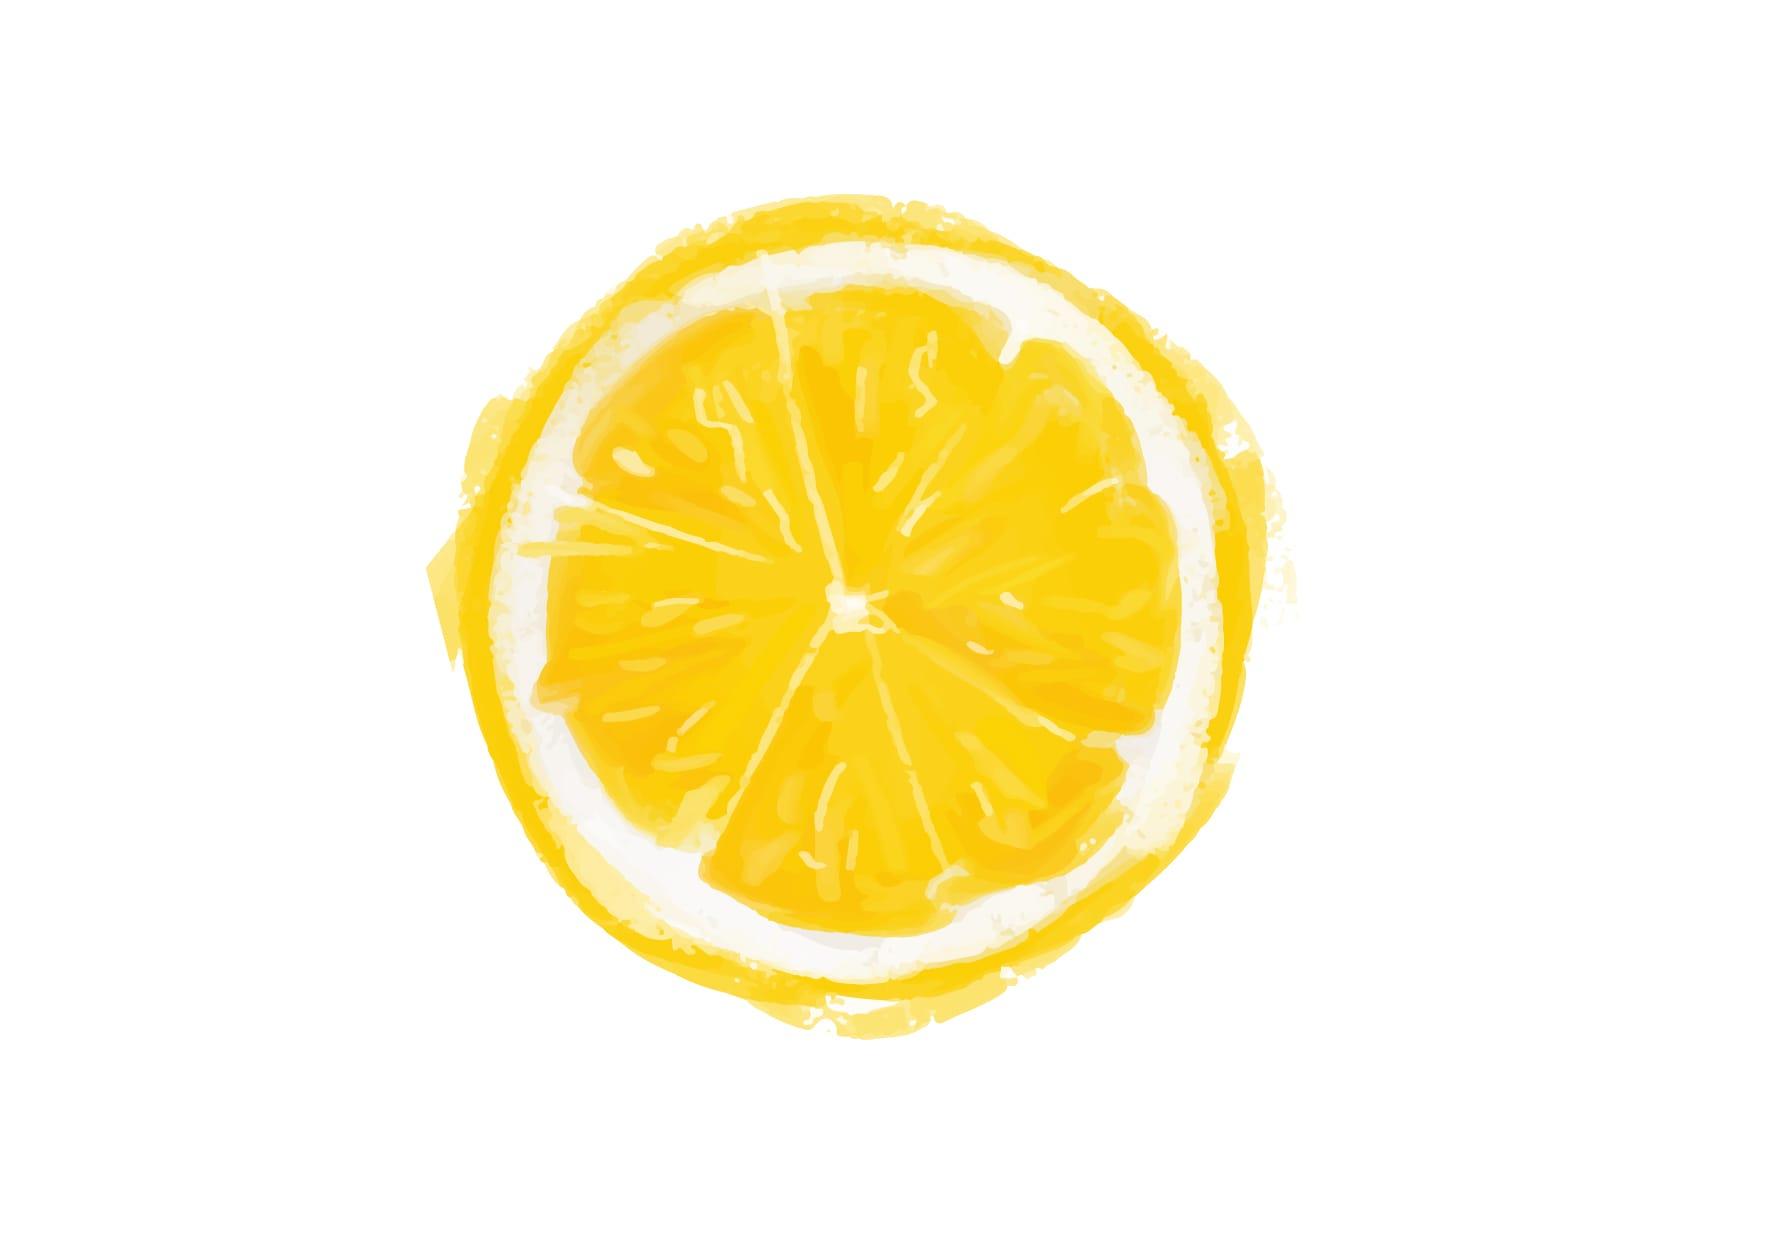 手書きイラスト無料|手書き オレンジ 1つ1